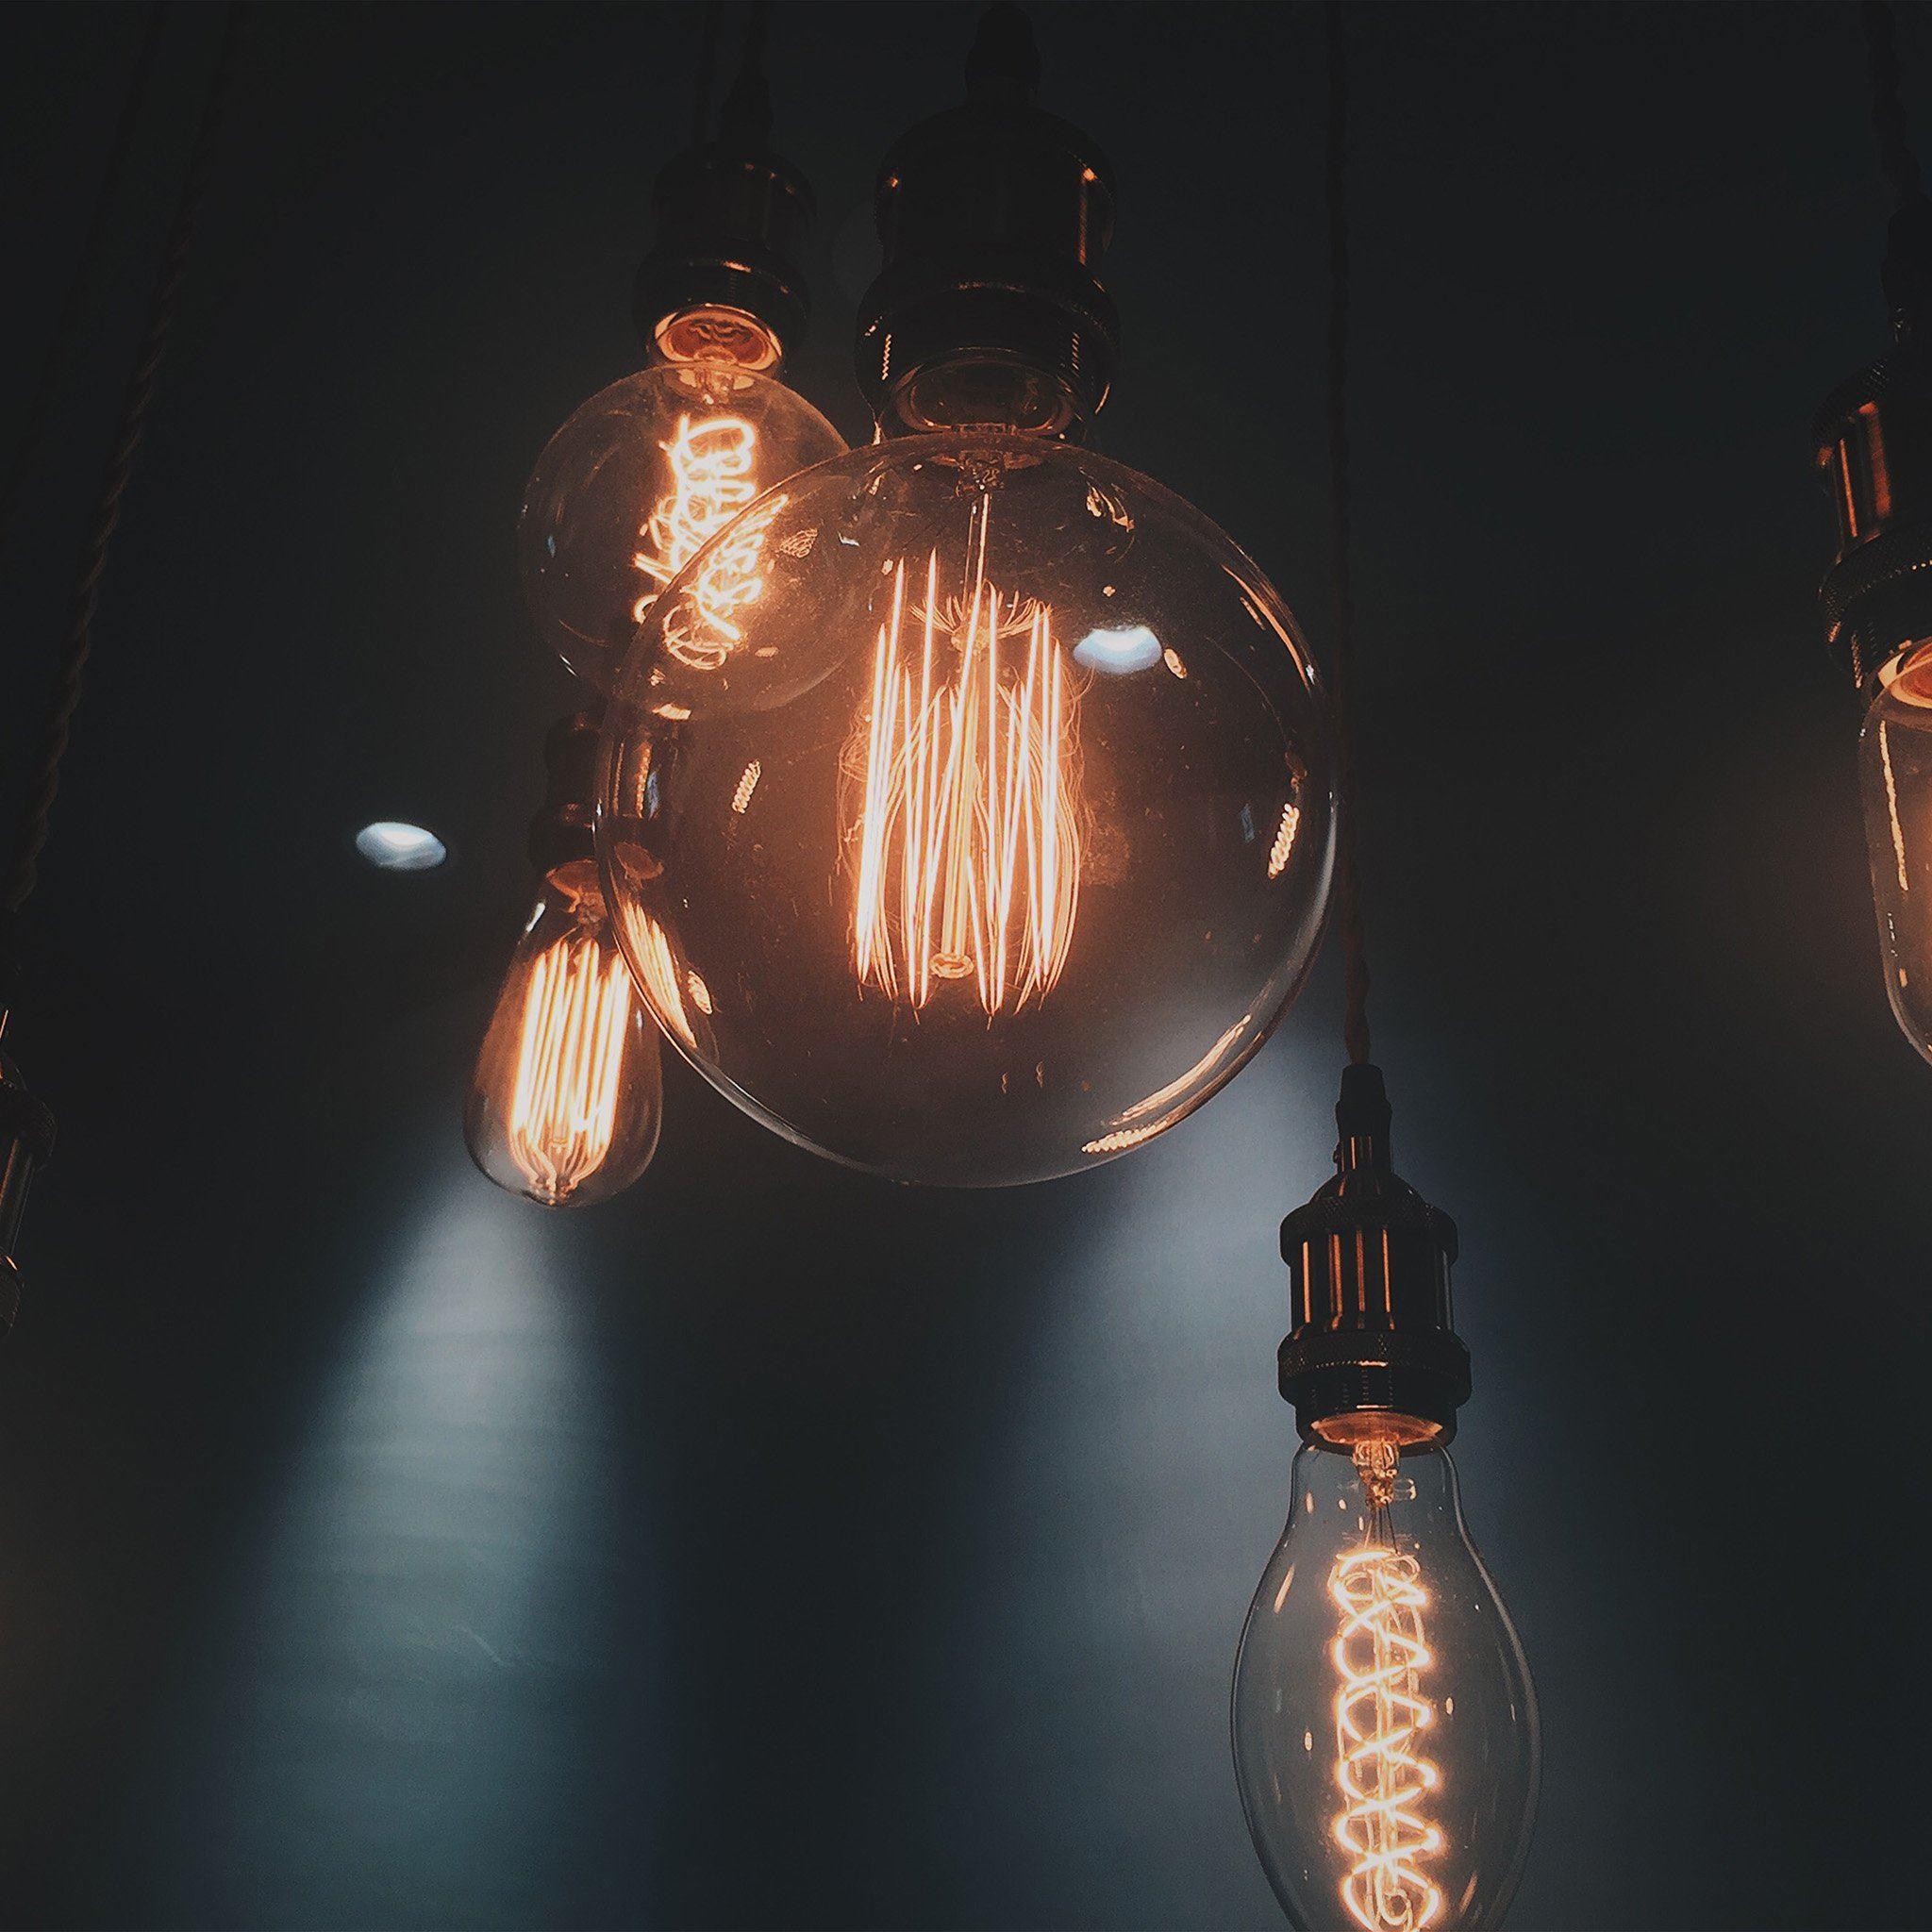 Light bulb night interior iPad Air wallpaper